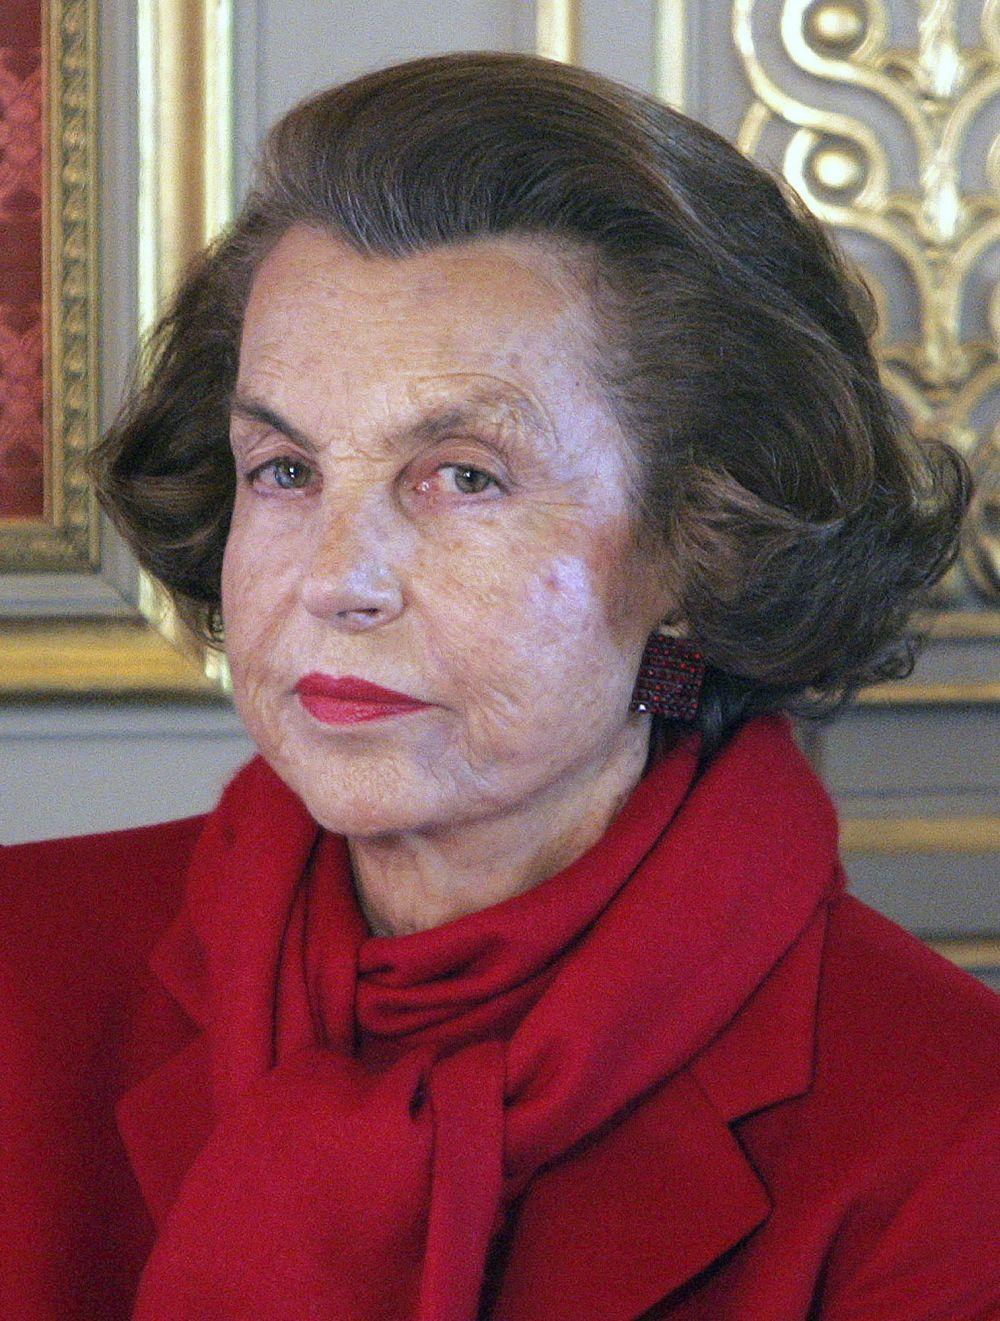 Liliane Bettencourt, heredera del imperio L'Oreal y mujer más rica...